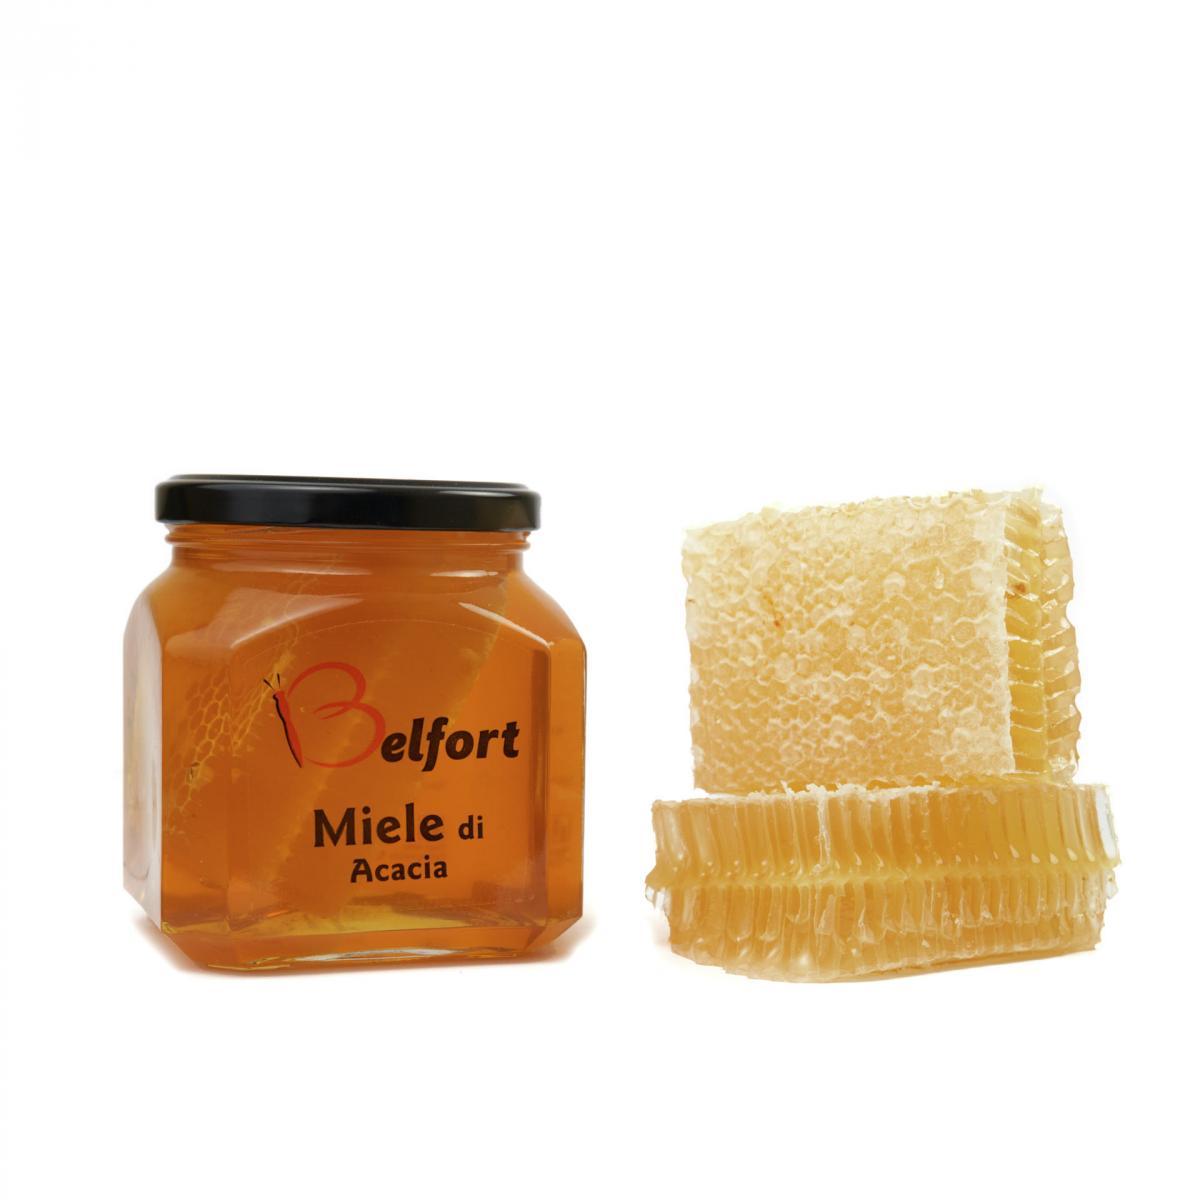 Miele di acacia in favo